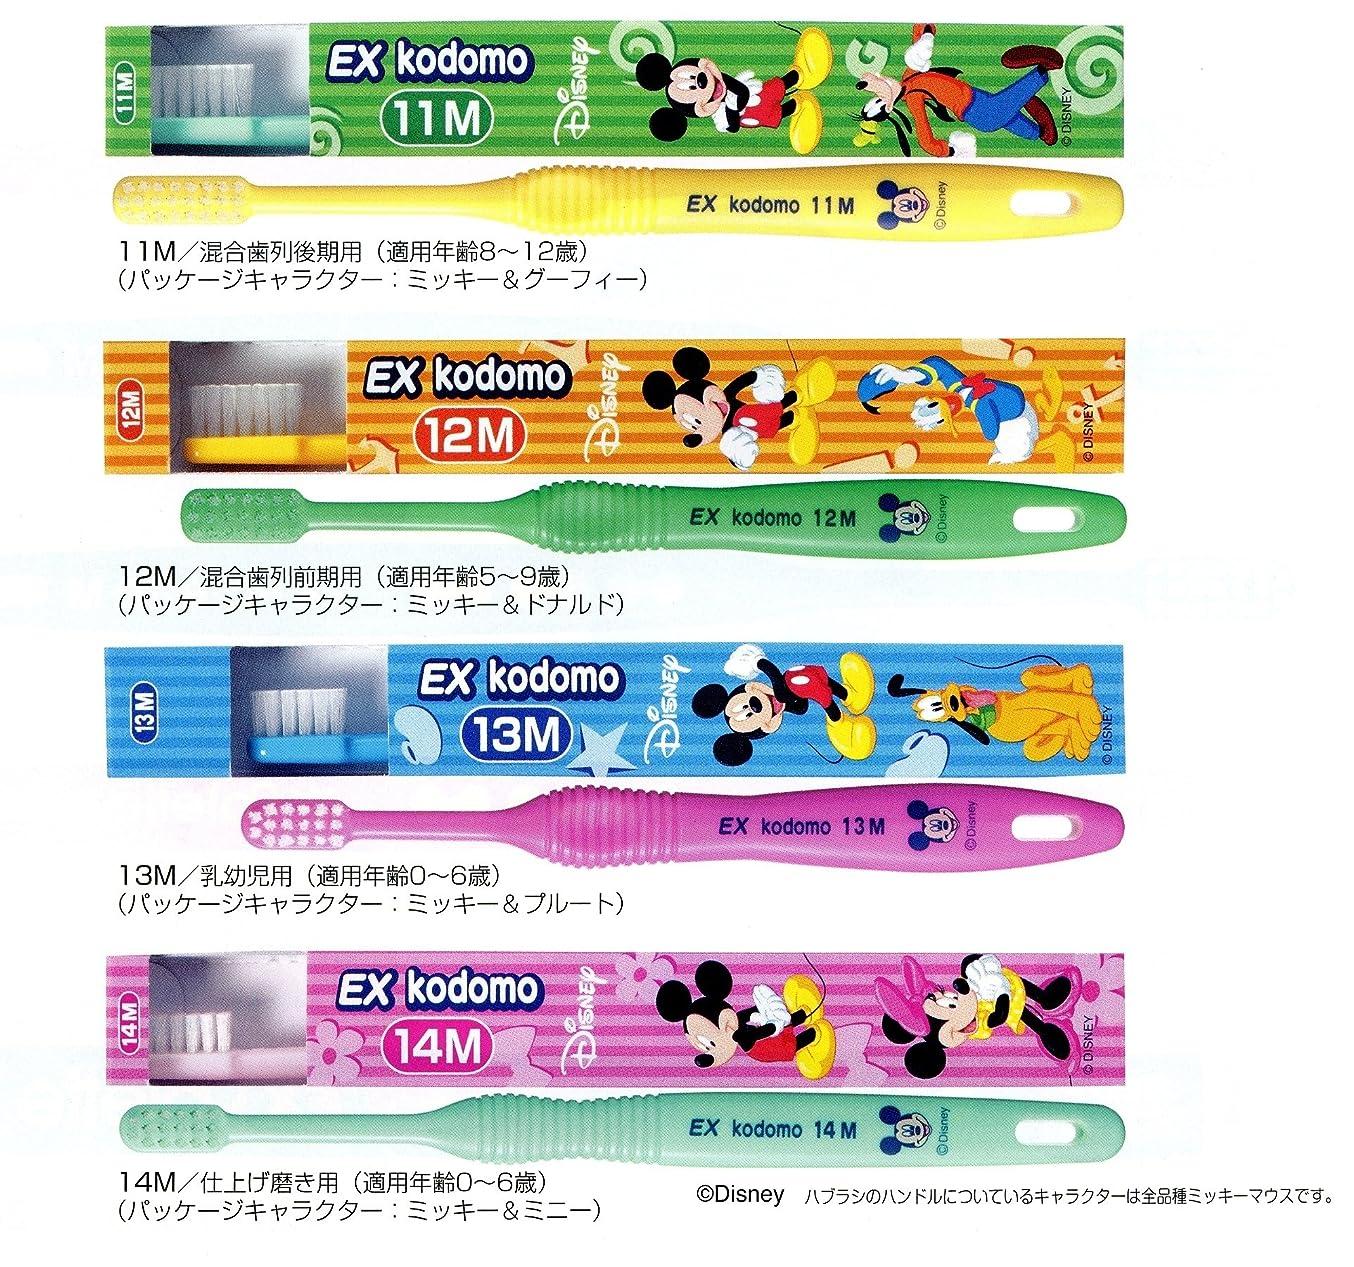 見て防止アクティブライオン コドモ ディズニー DENT.EX kodomo Disney 1本 12M ブルー (5?9歳)